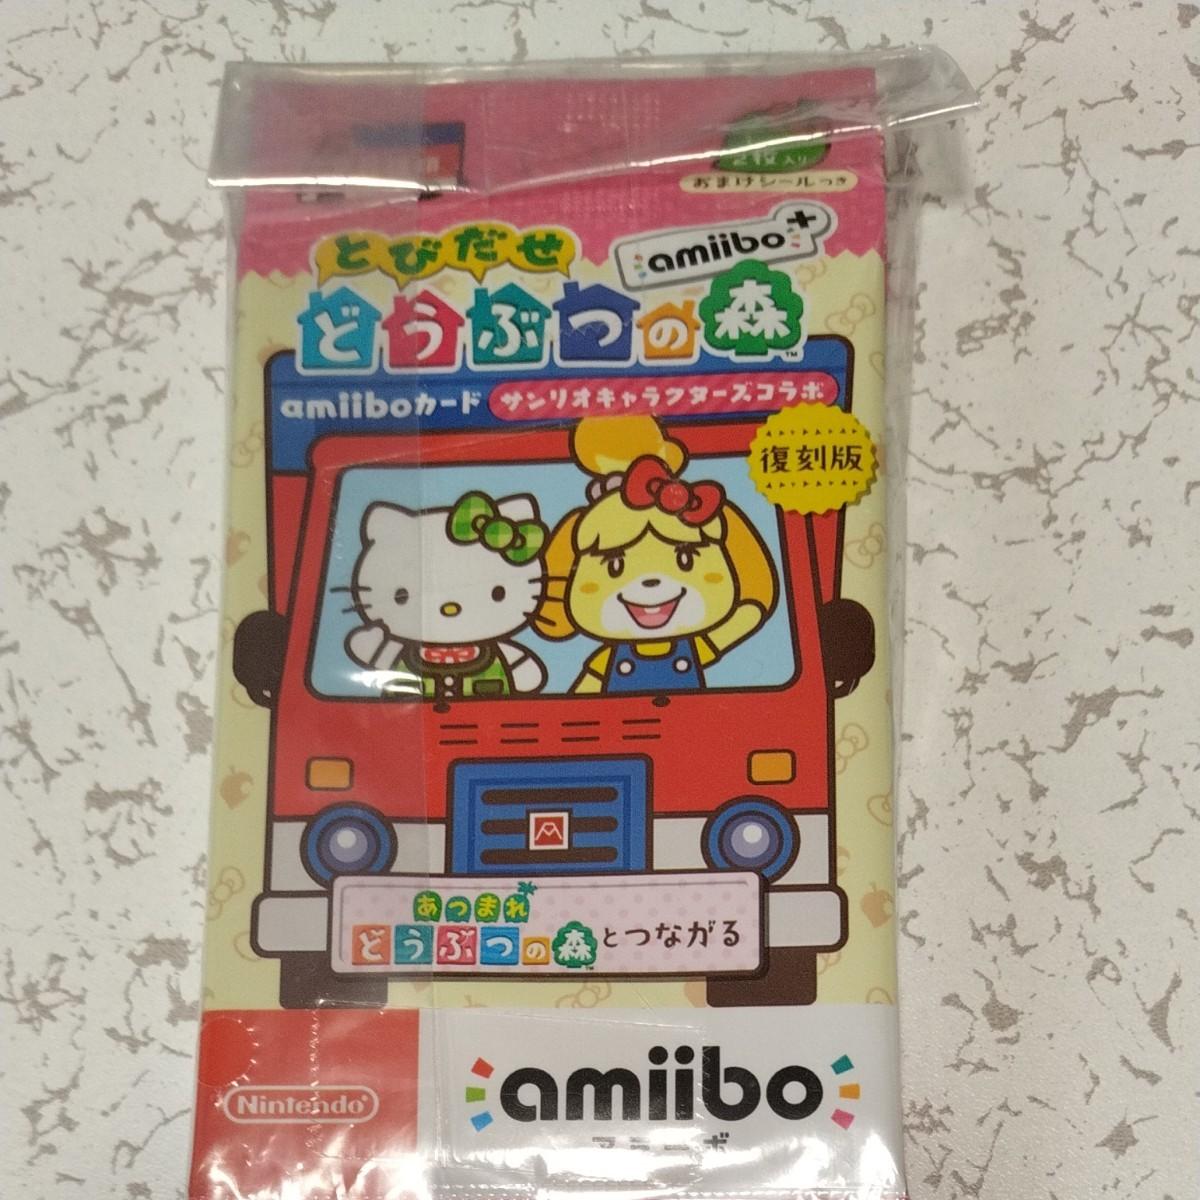 とびだせどうぶつの森amiibo+ amiiboカード サンリオキャラクターズ コラボ 5パックセット